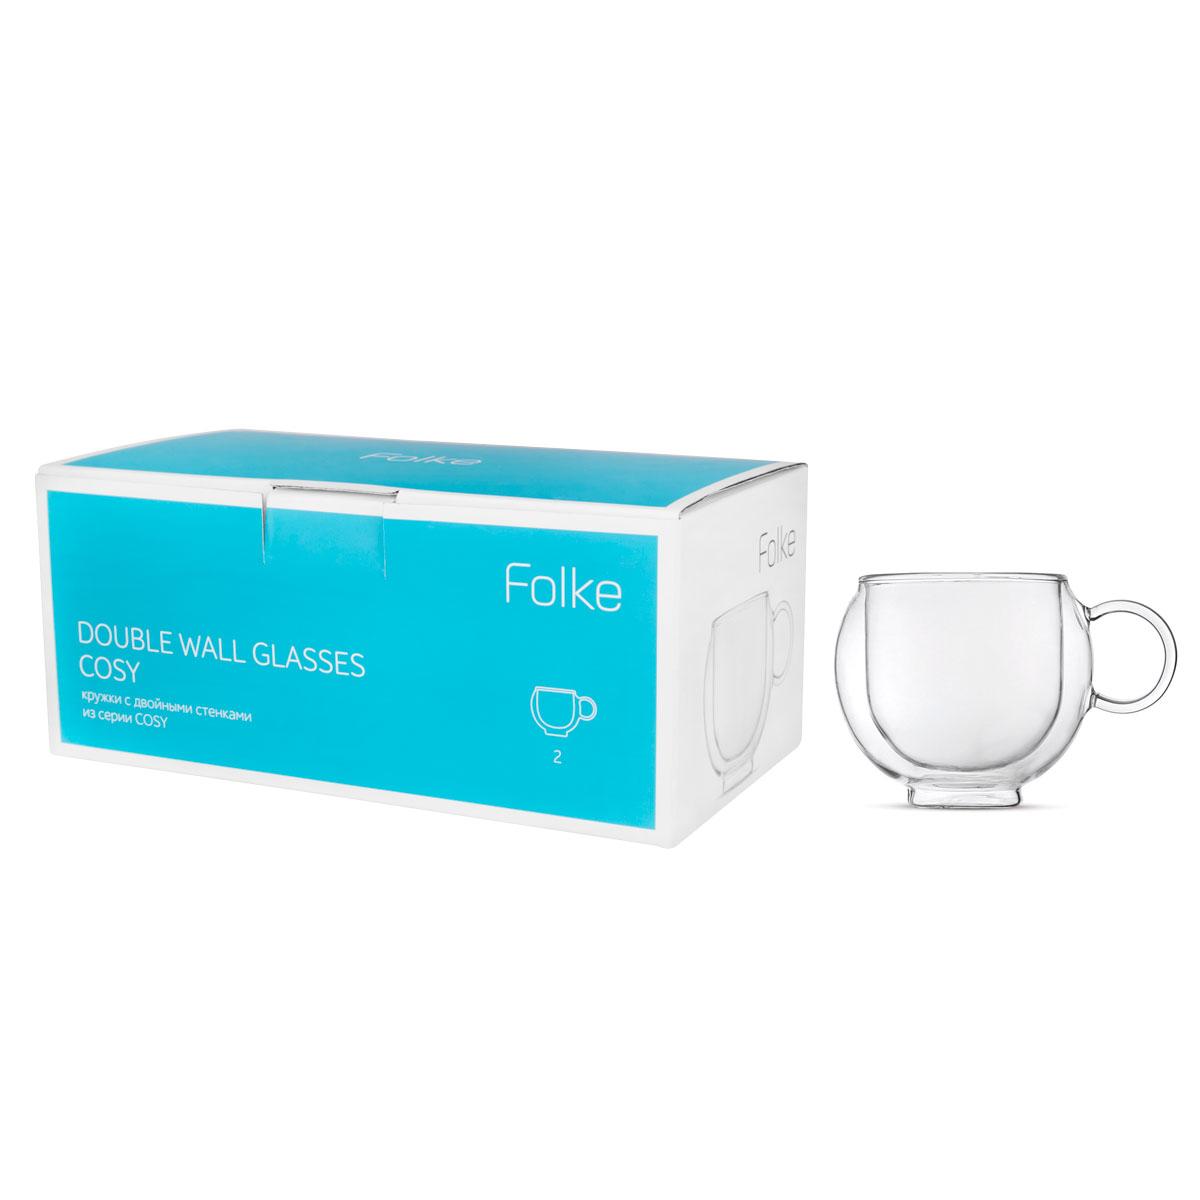 """Набор """"Folke"""" состоит из 2 кружек, выполненных из  боросиликатного стекла. Благодаря двойным стенкам кружки  не только дольше сохраняют температуру напитков, но и  защищают от ожогов.  Такую кружку можно спокойно держать ее в руке, даже если  пьете горячий чай или кофе. Идеально подходит как для  горячих, так и для холодных напитков."""